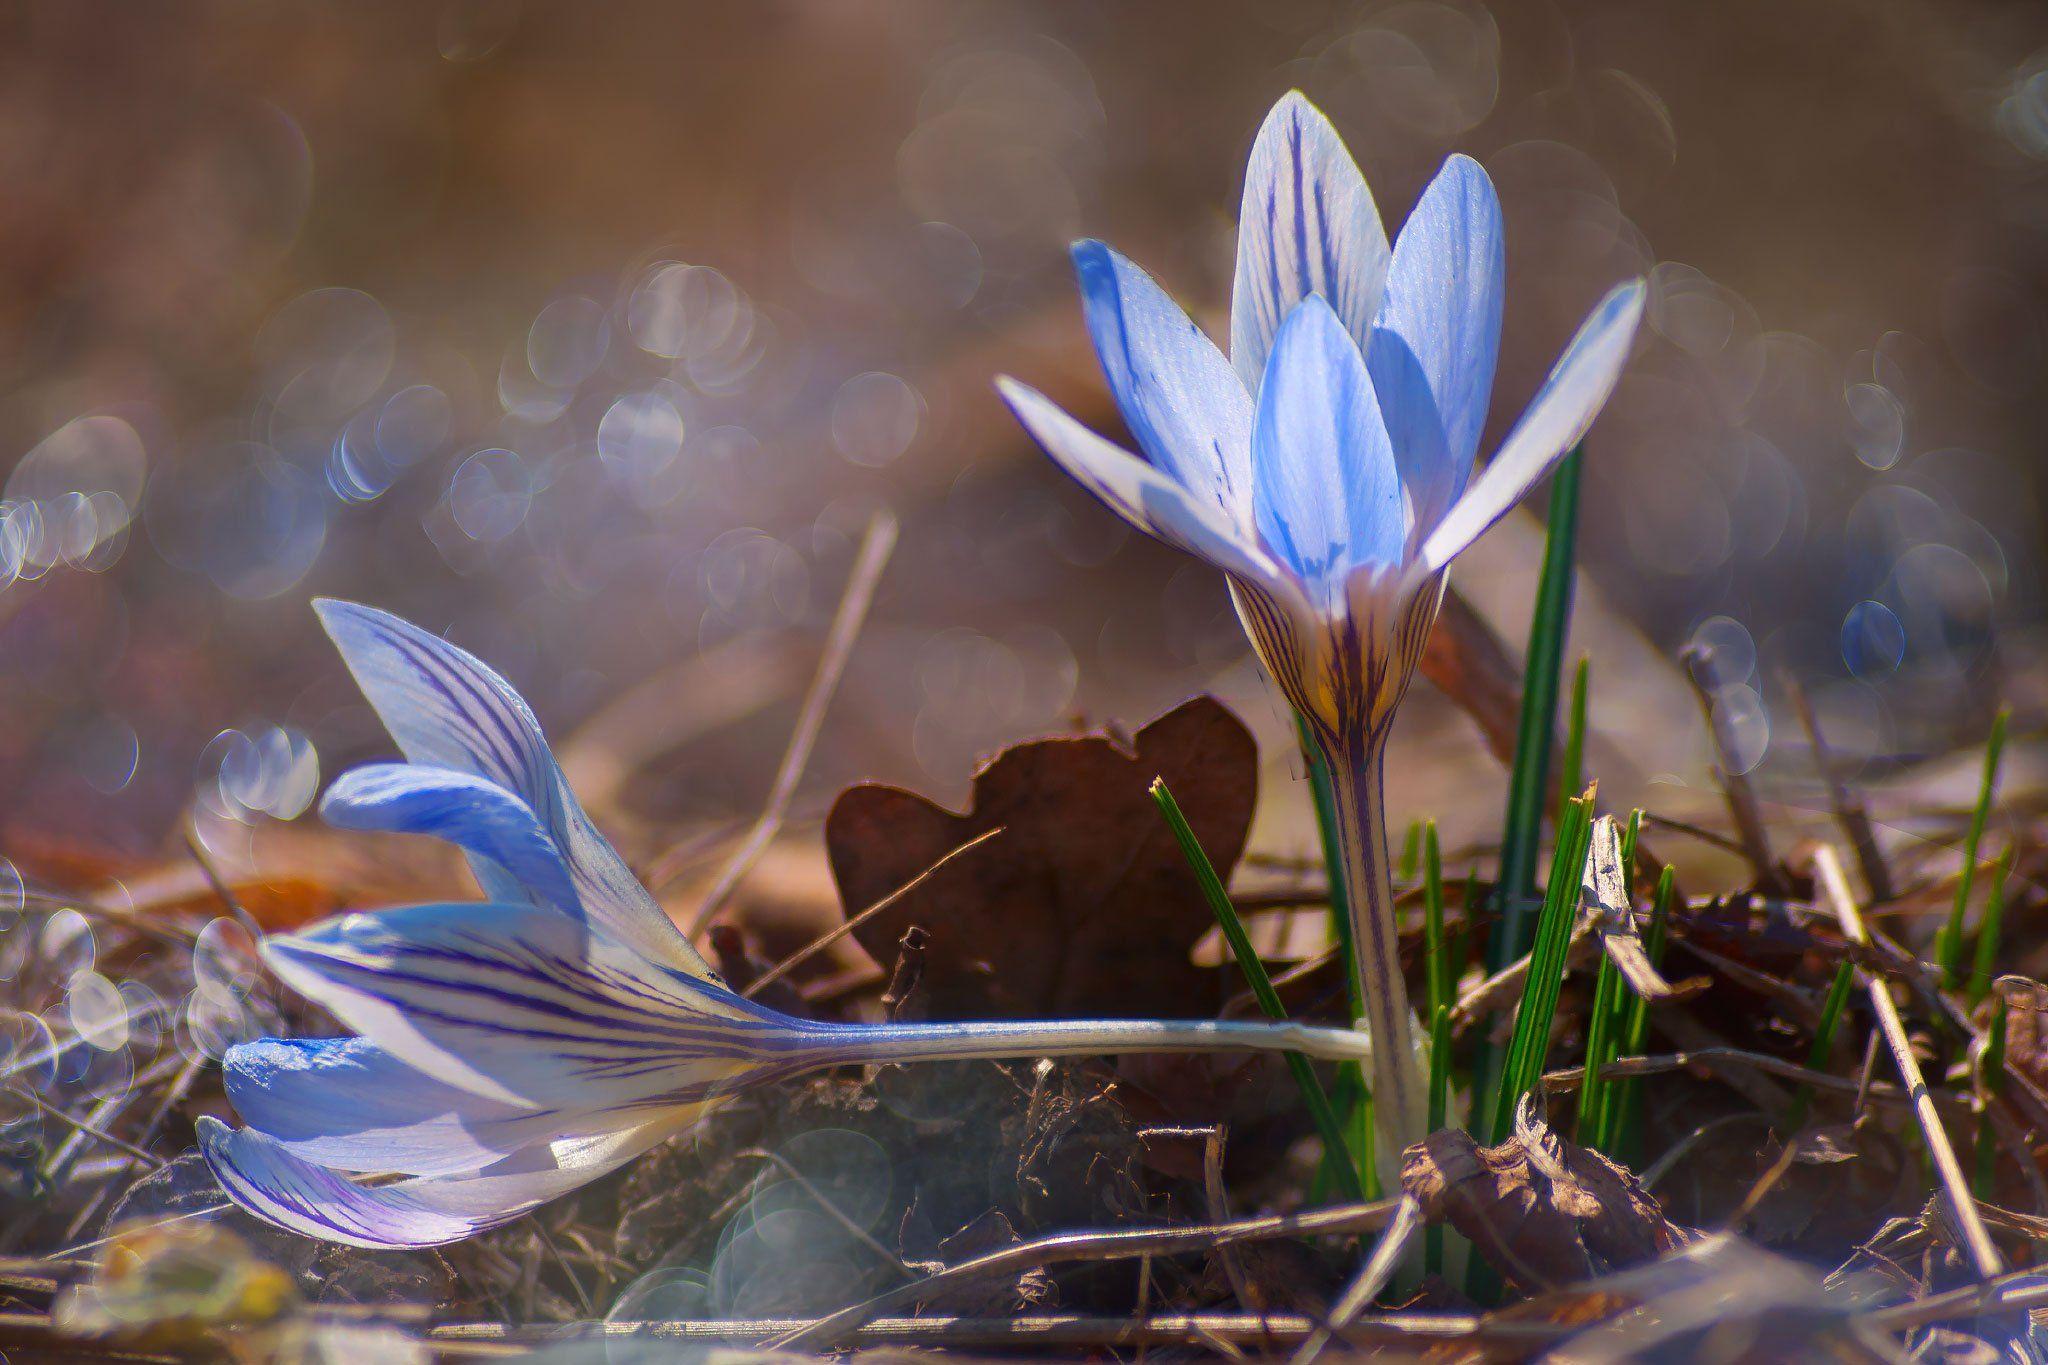 цветы, весенние, крокусы,макро, Елена Брежицкая